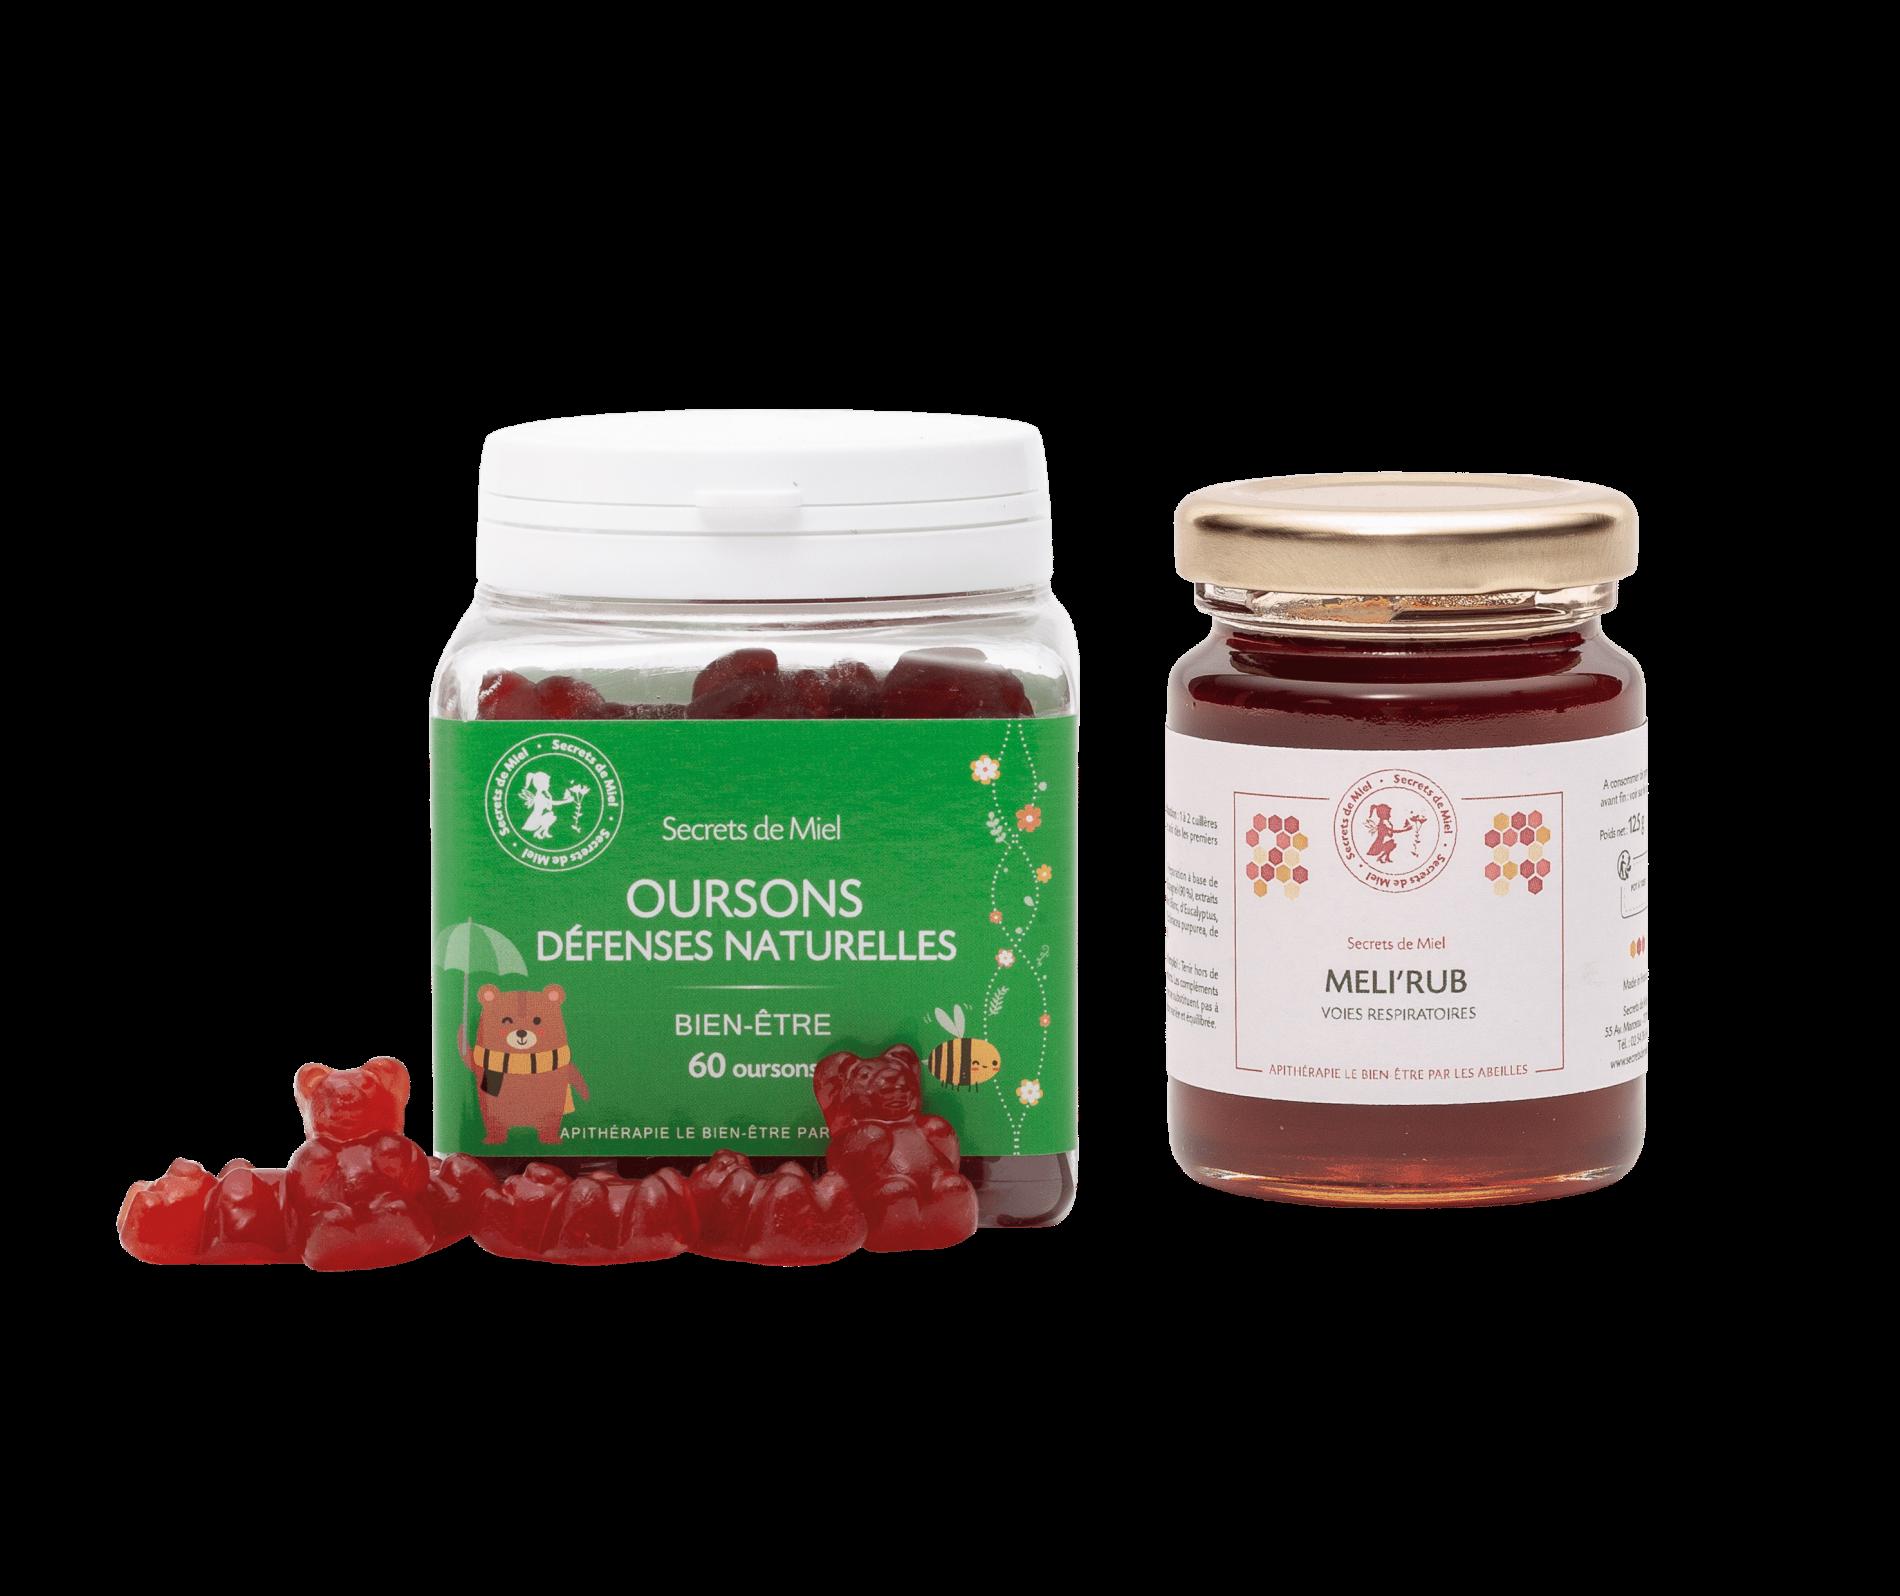 miel et plantes - soins compléments alimentaires enfants - renforcement des défenses naturelles - Secrets de Miel - miel - propolis - échinacée - miel infusé aux plantes